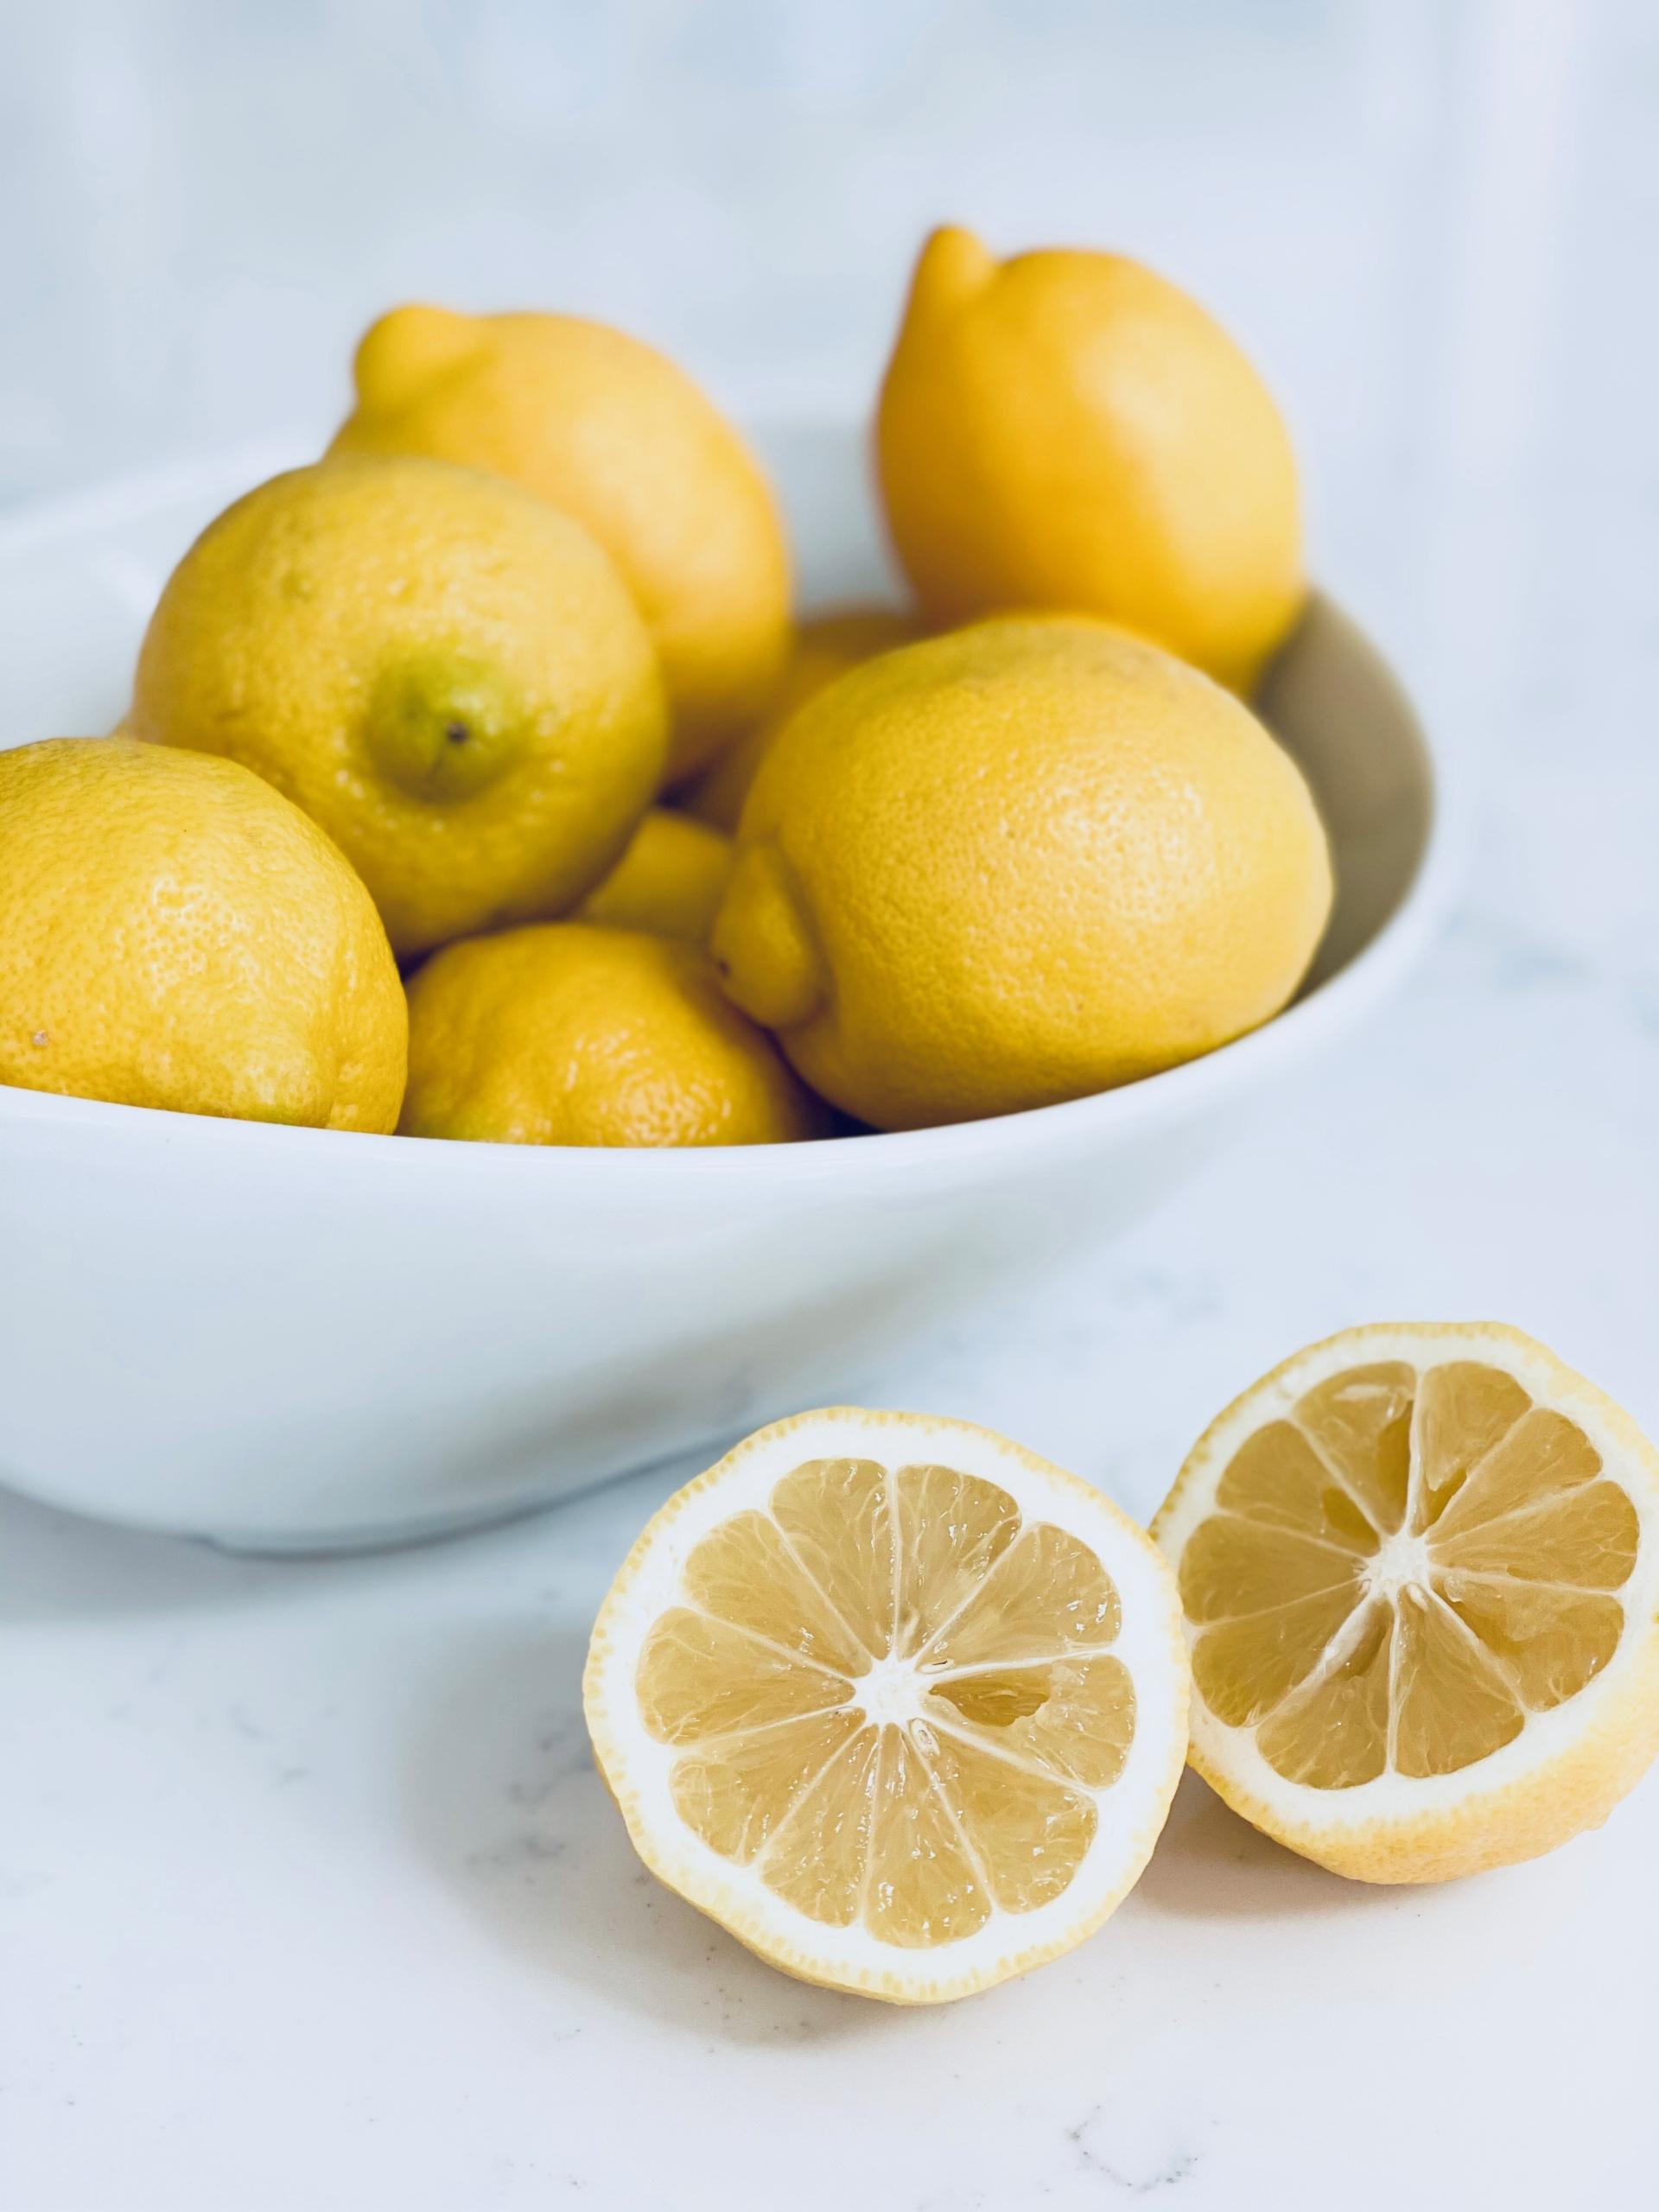 lemons on white counter in white bowl